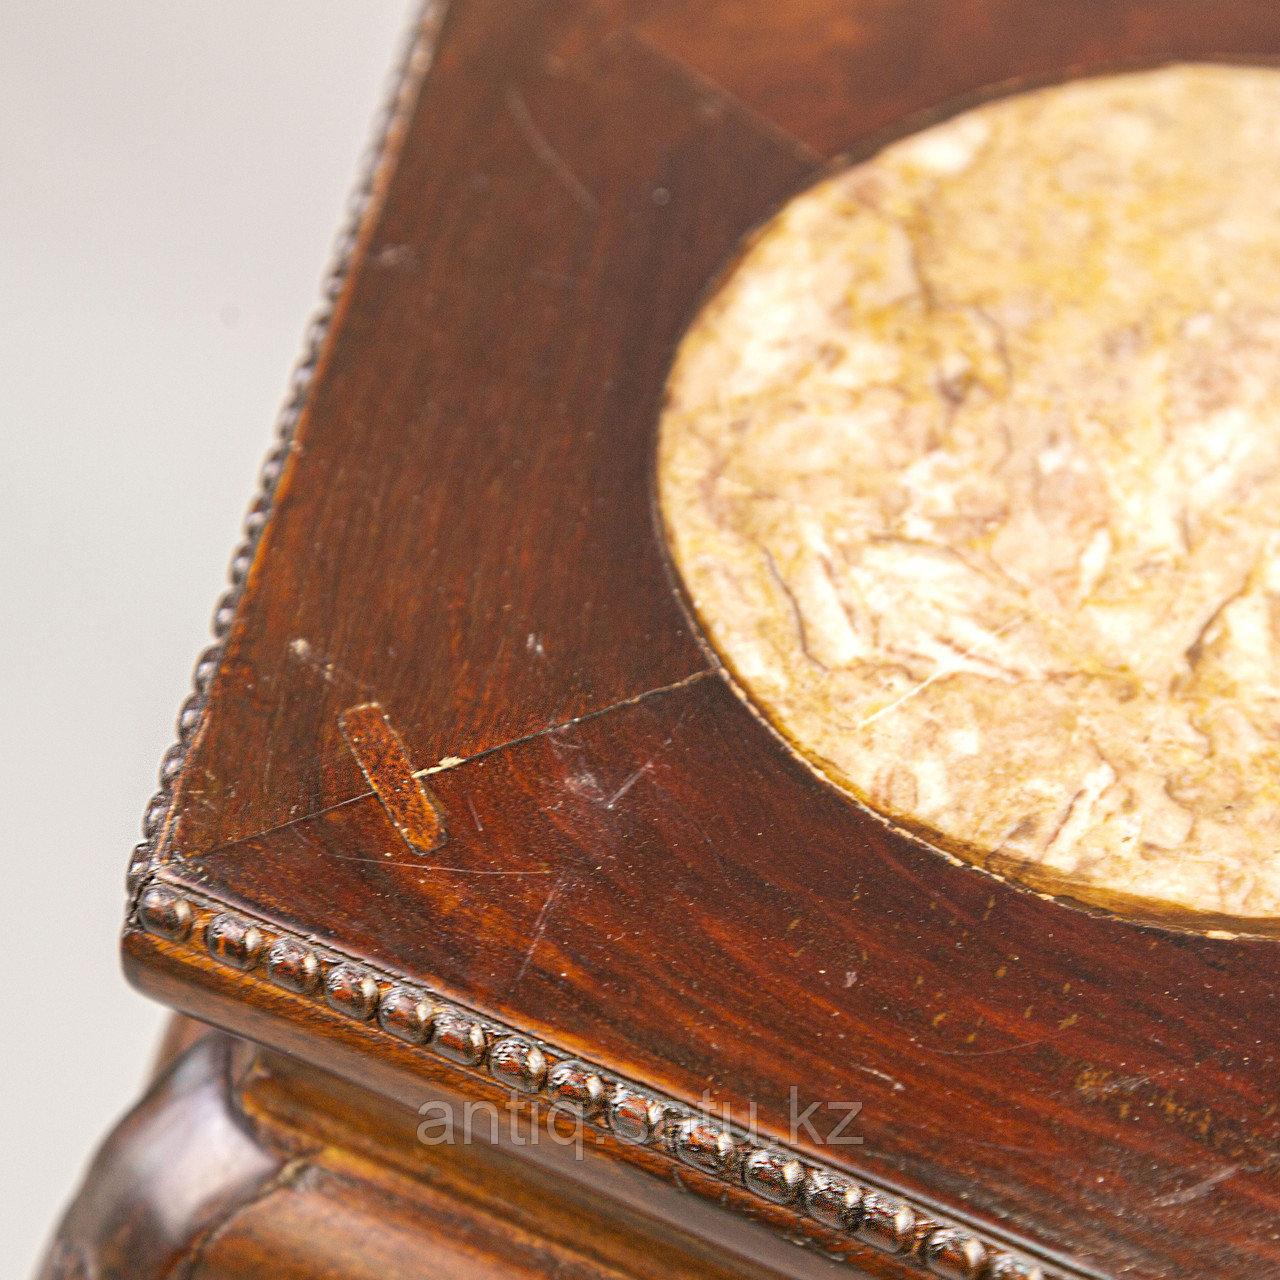 Китайская подставка для кашпо Китай. I половина XX века Массив дерева, ручная резьба, натуральный камень - фото 5